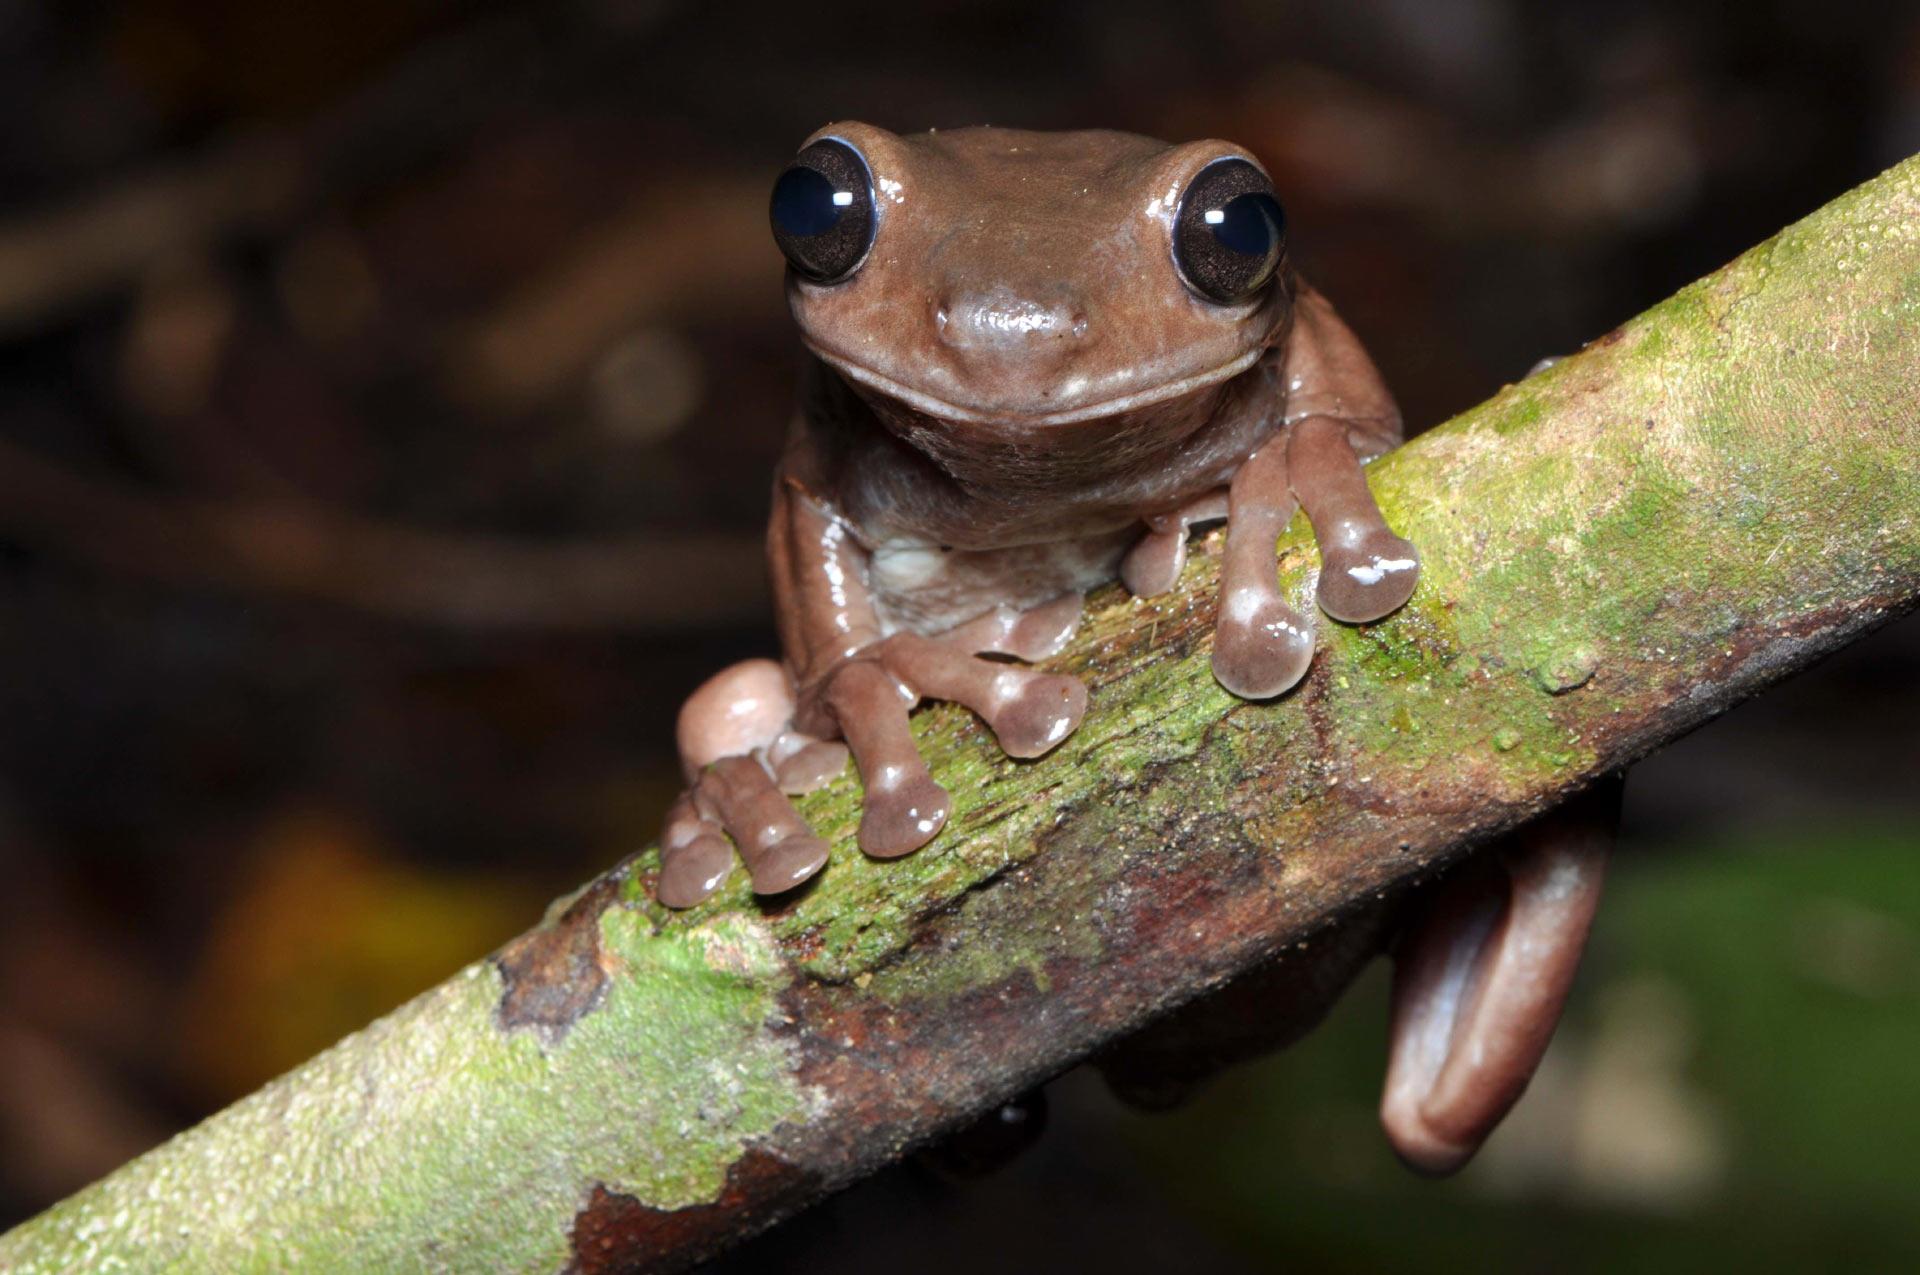 В Новой Гвинее обнаружен новый вид лягушек. Их называют «шоколадными»